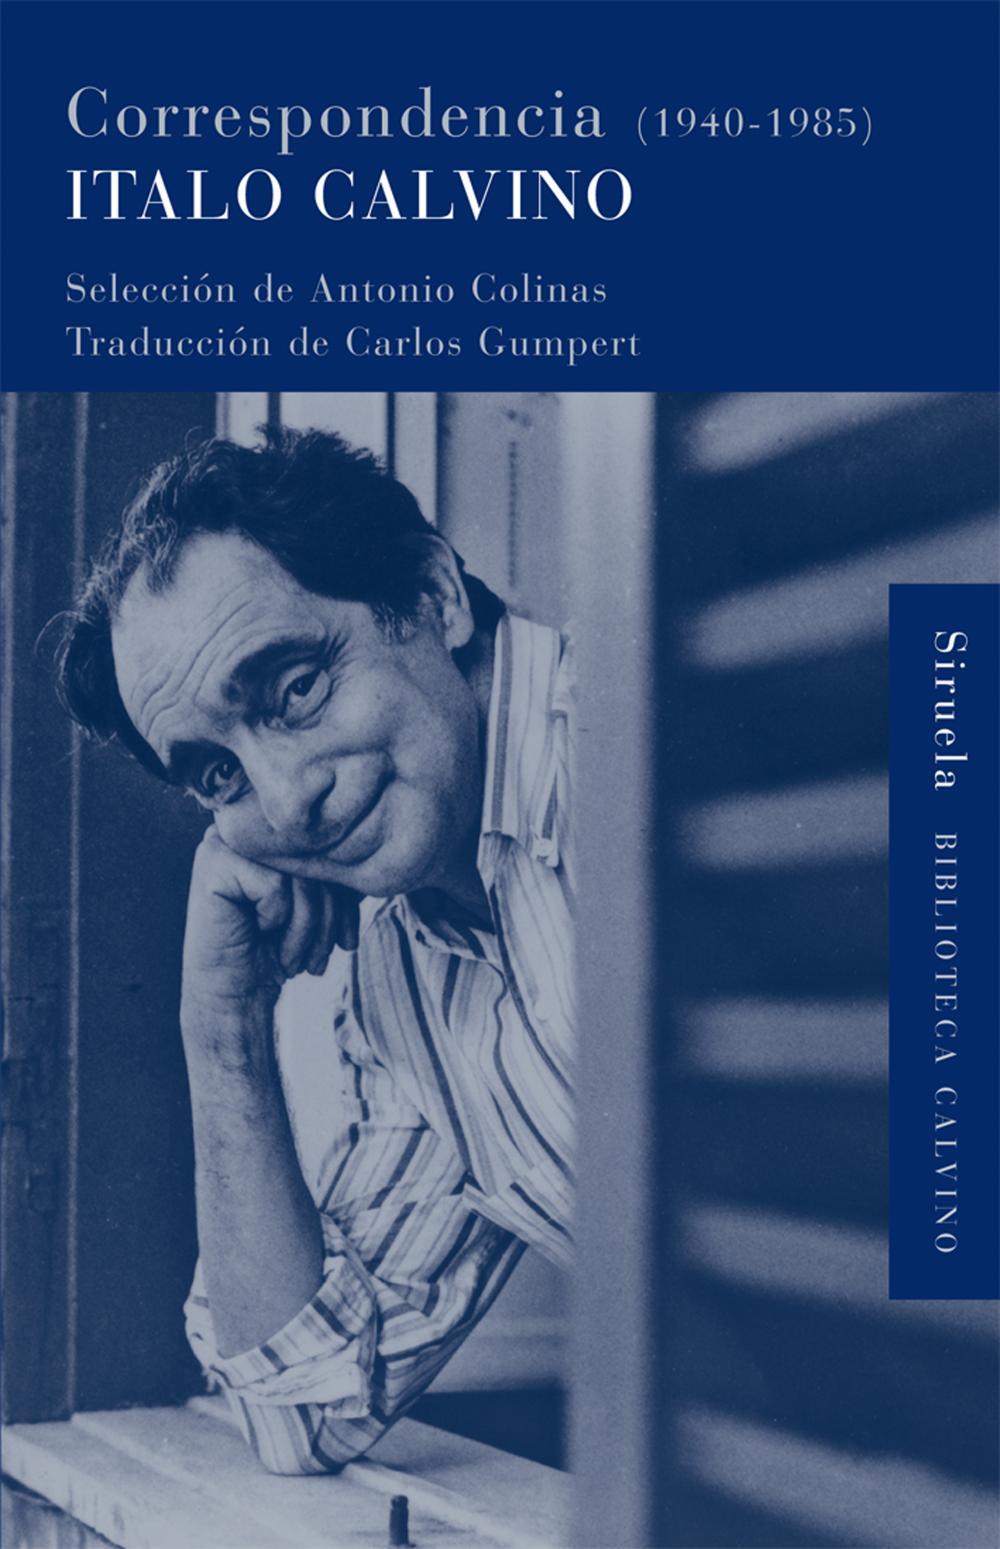 Correspondencia (1940-1985)